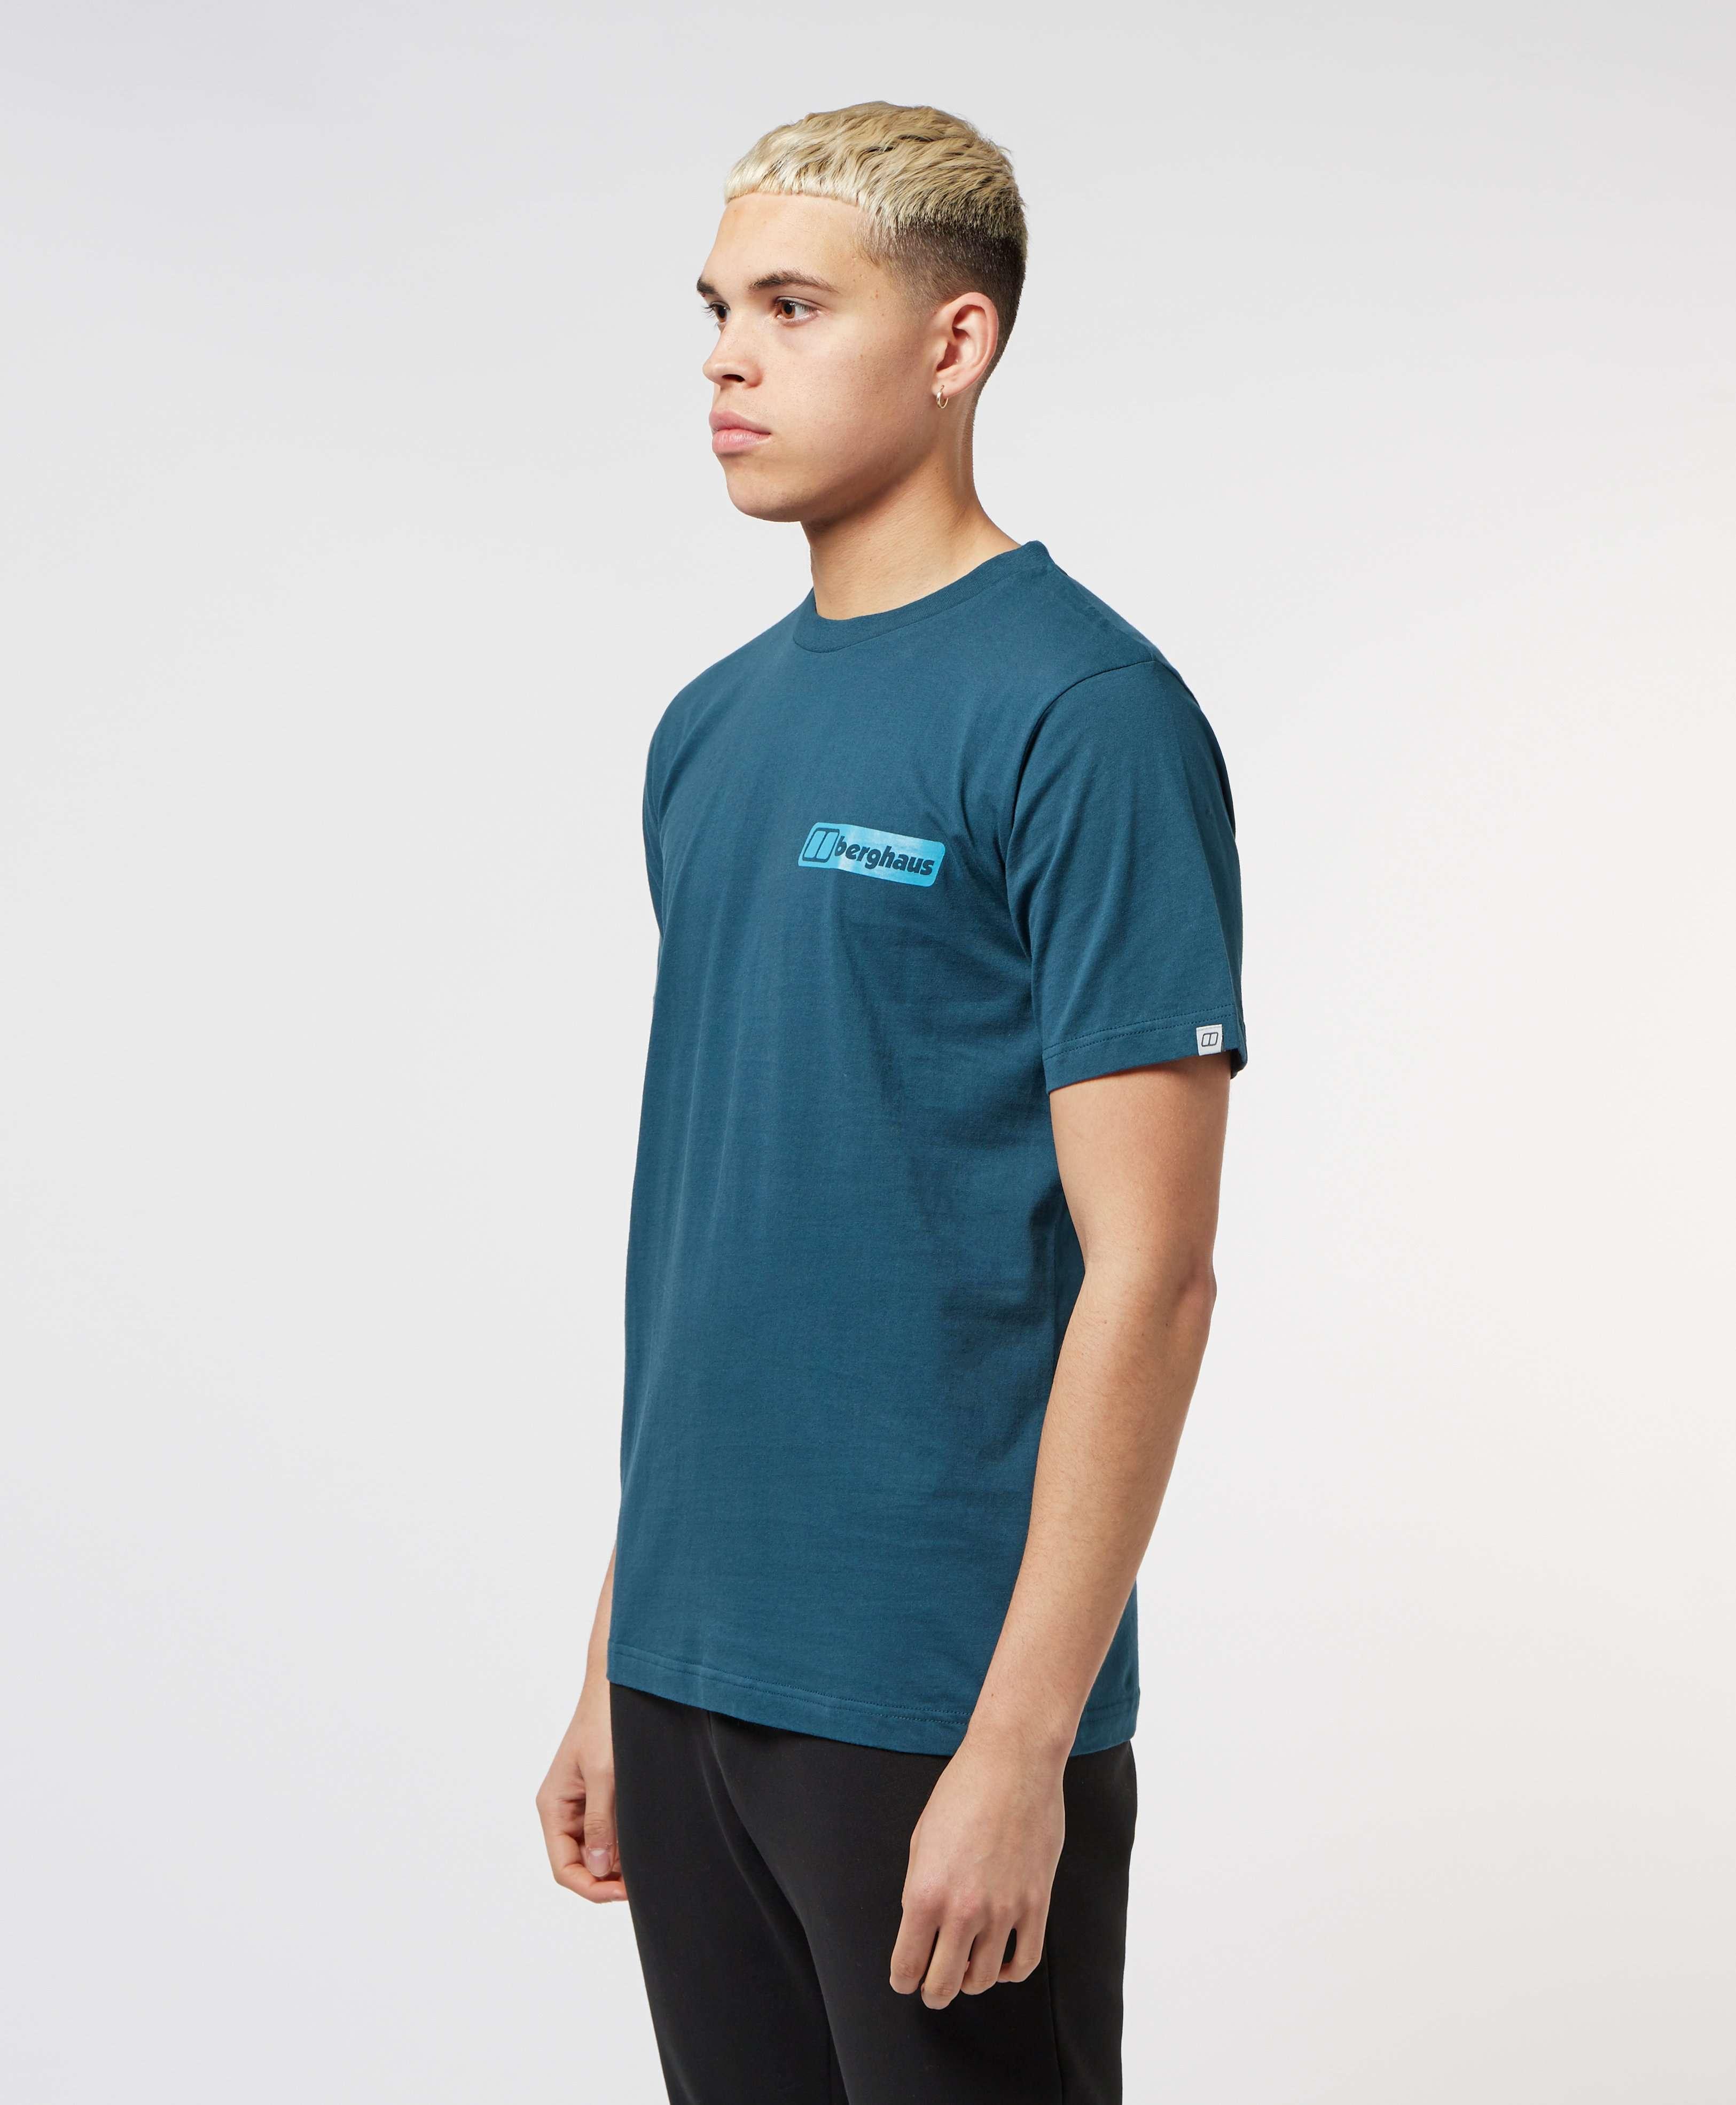 Berghaus Invert Logo Short Sleeve T-Shirt